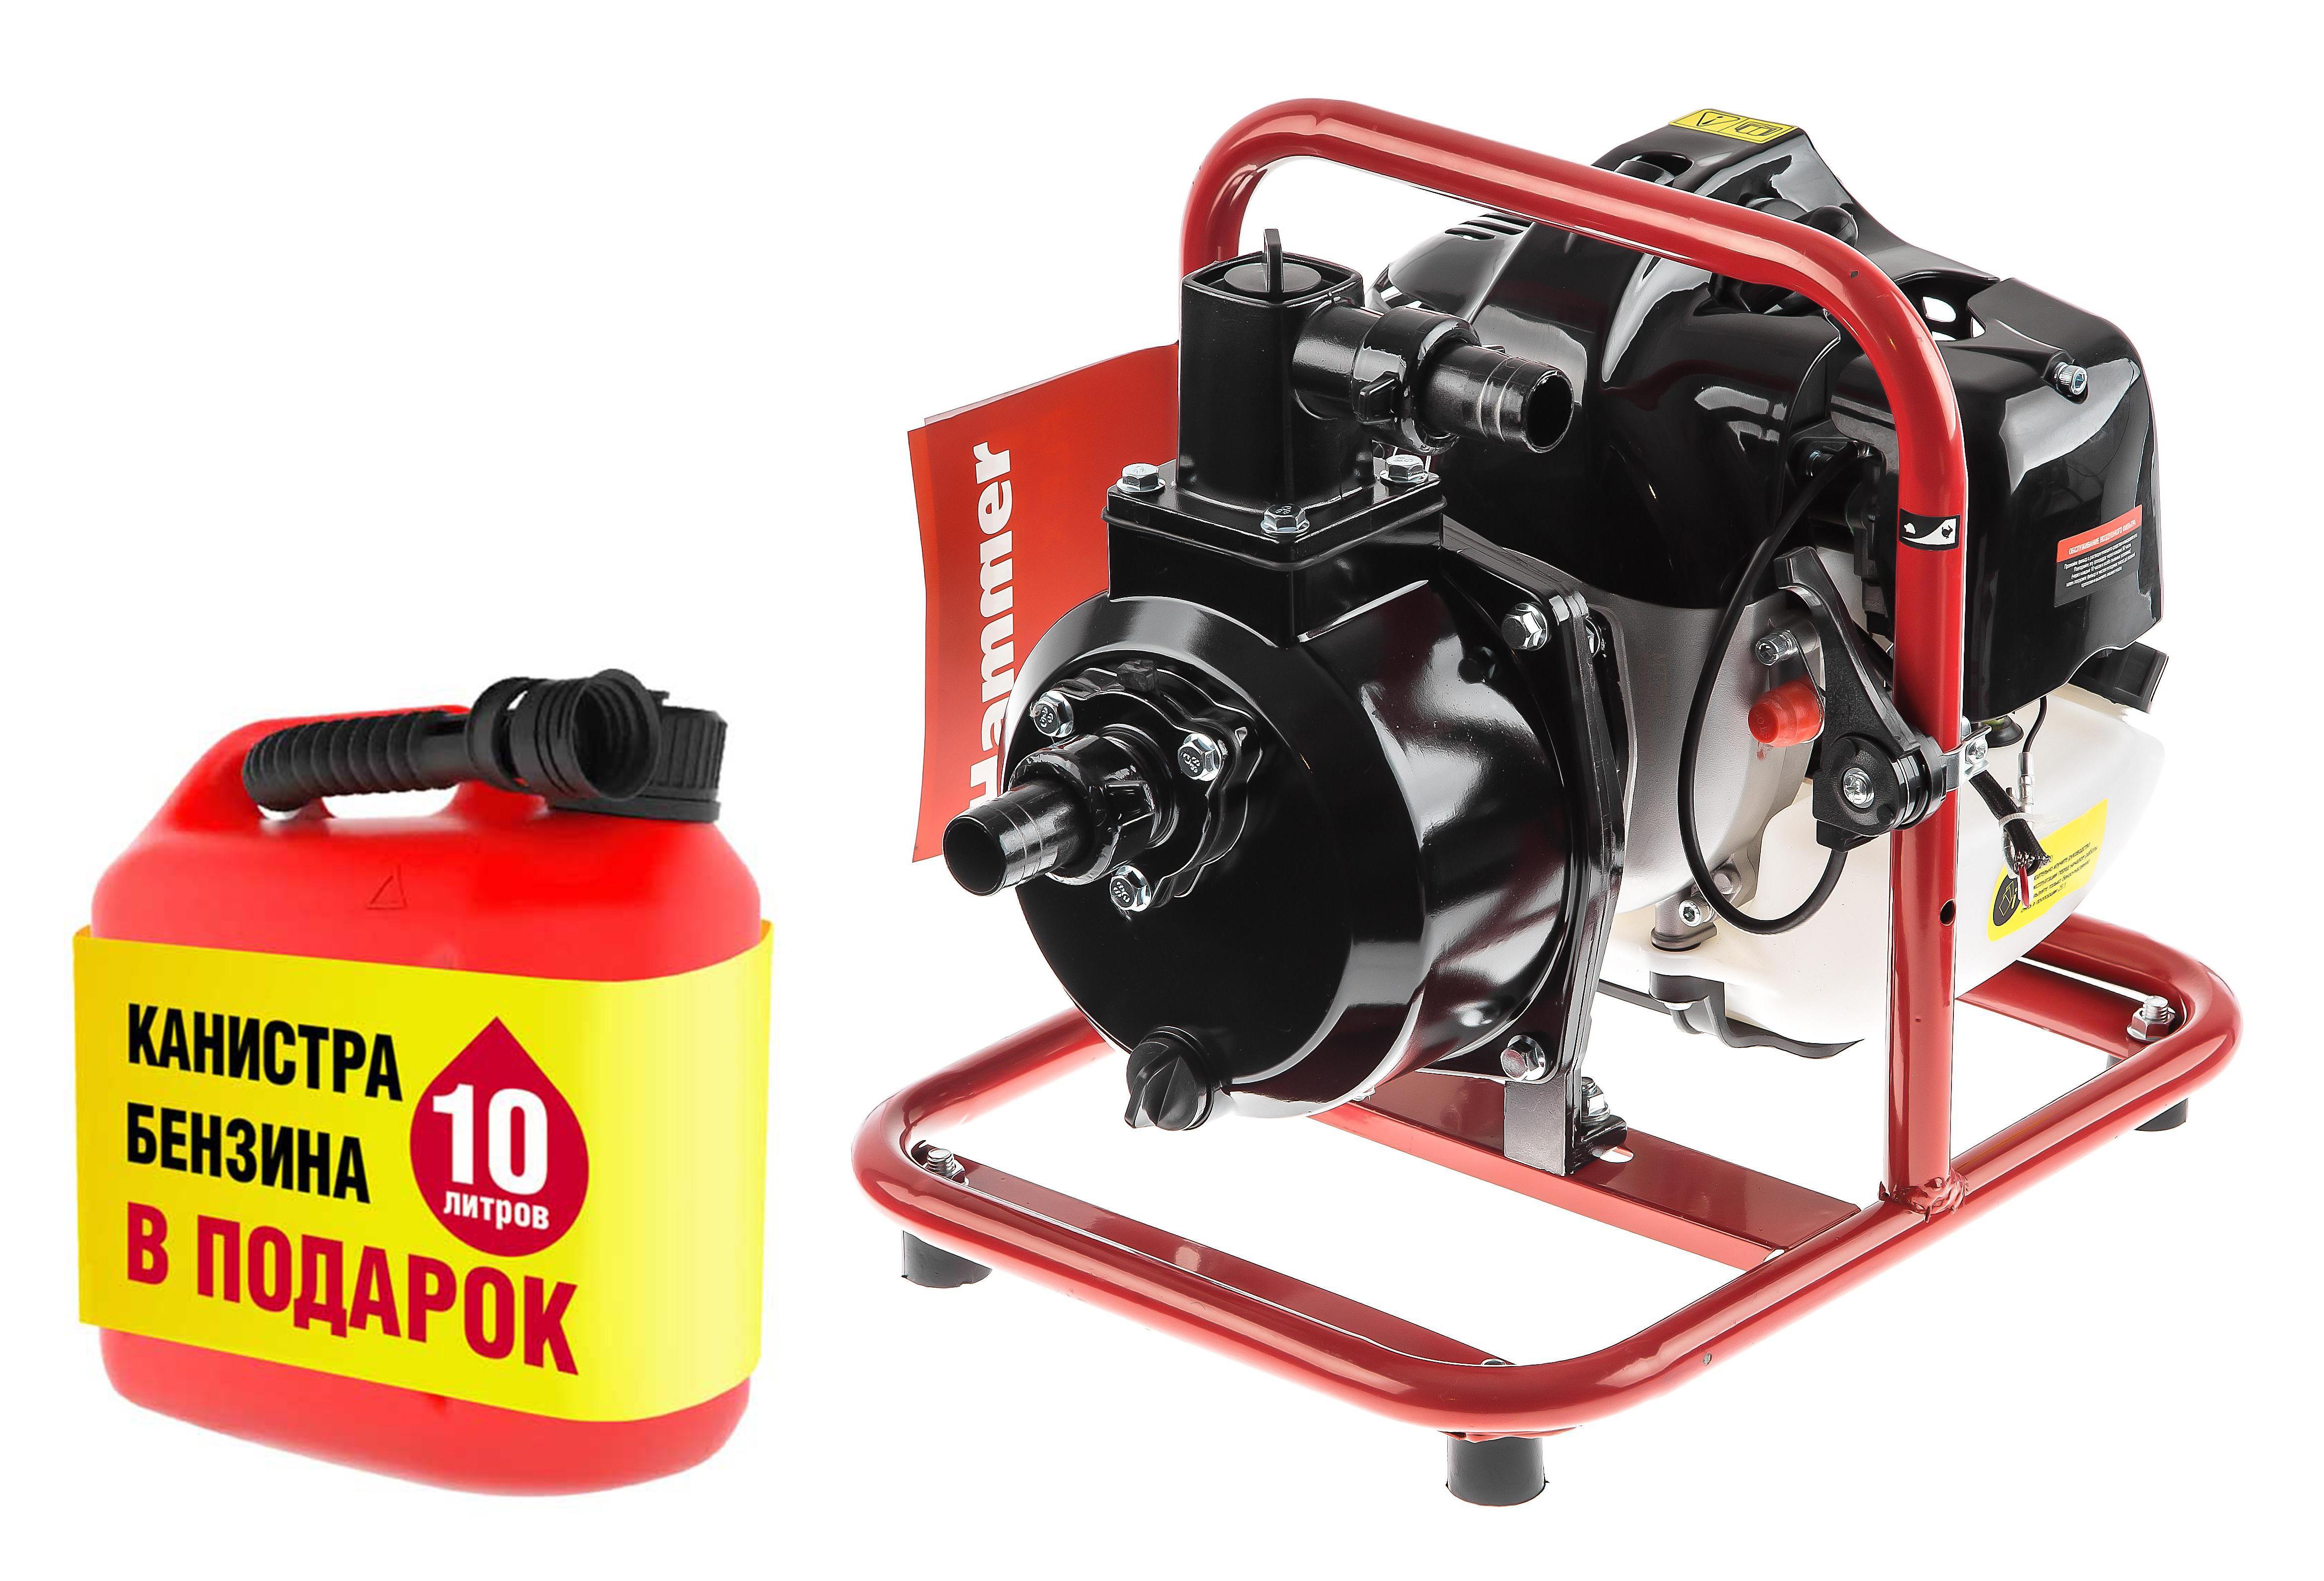 Набор Hammer Мотопомпа mtp165 +Карта топливная ПТК 10 л +Канистра 235-010 10л